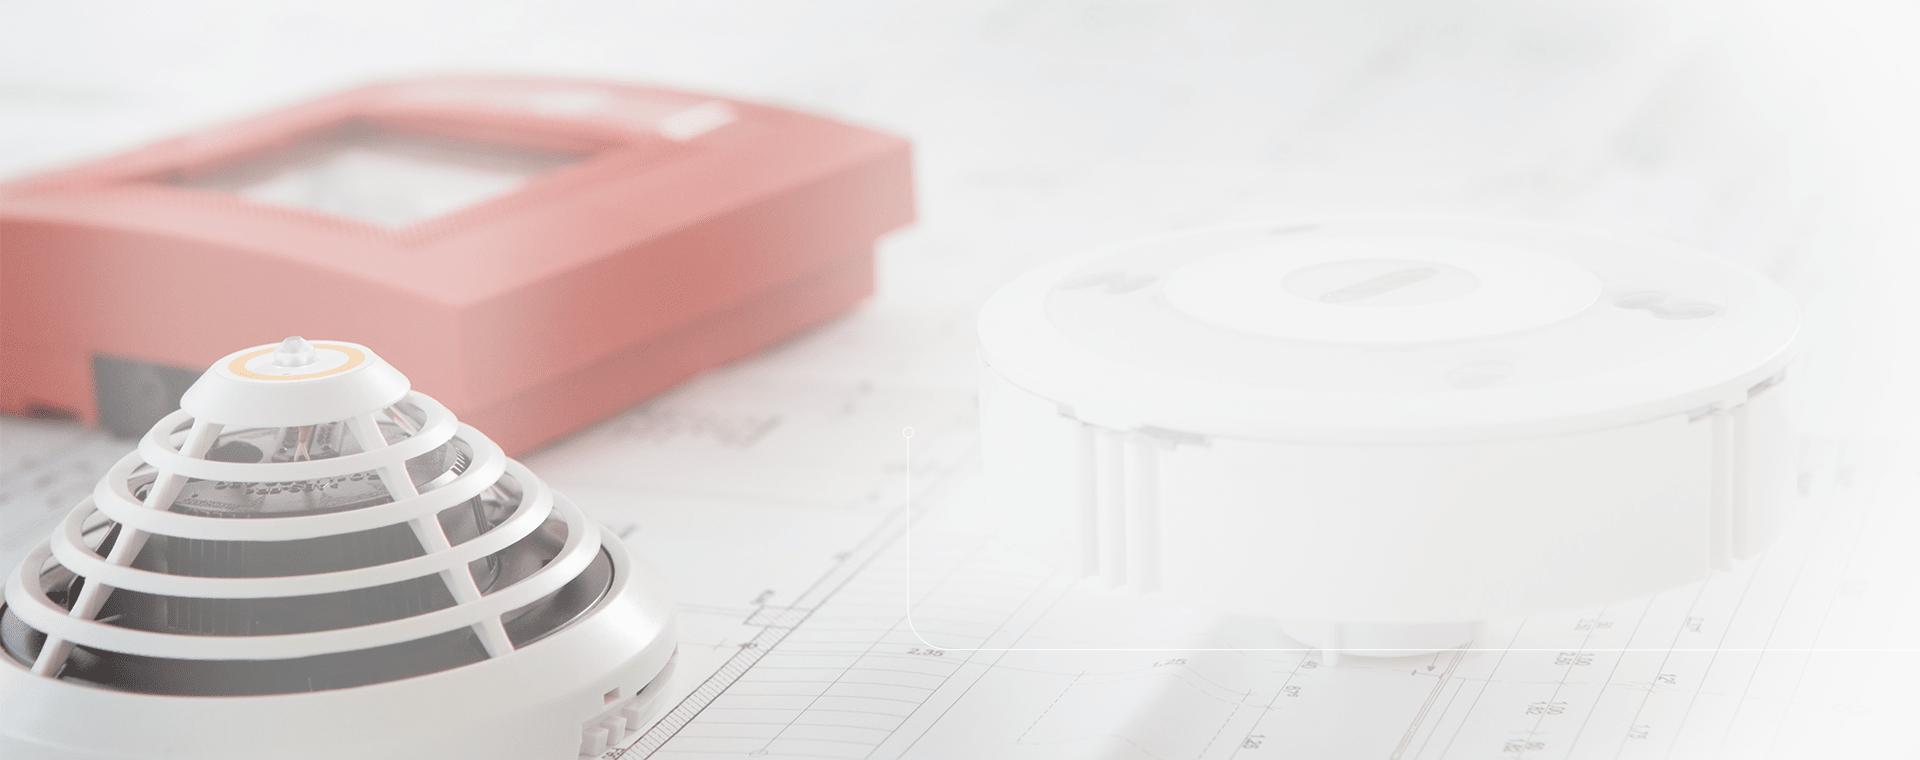 Проектирование системы охранно-пожарной сигнализации